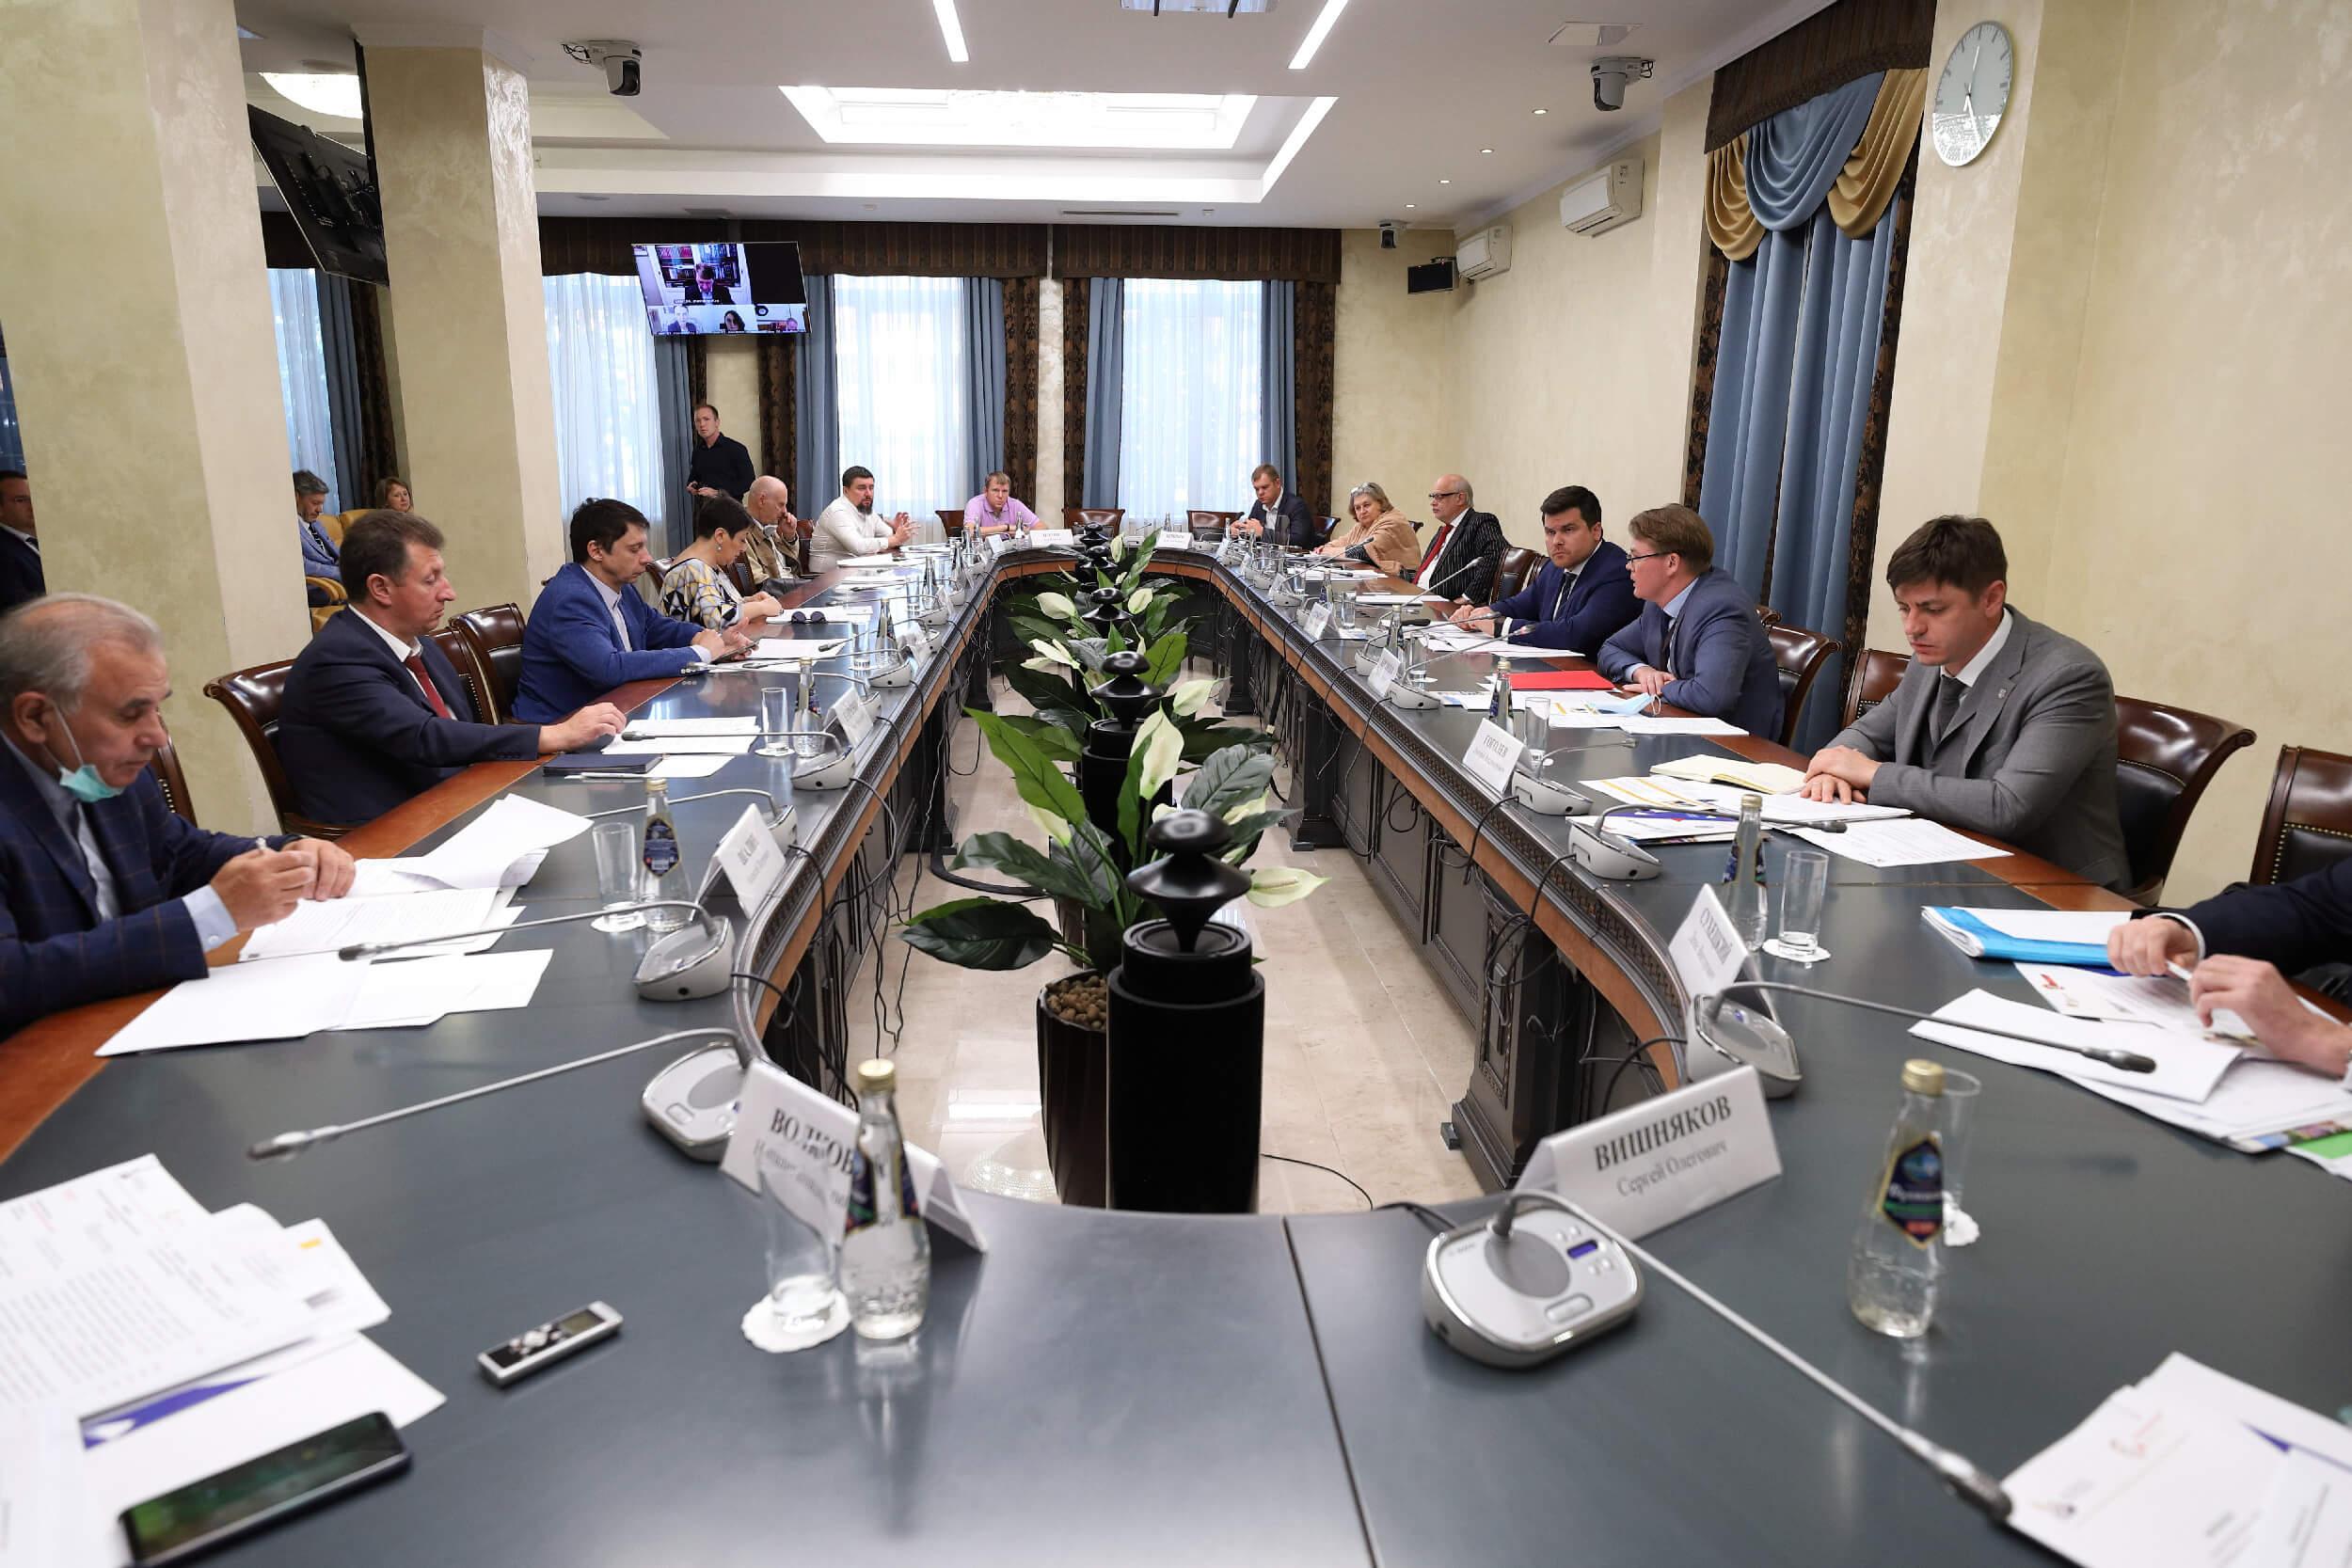 Состоялось первое заседание Общественного совета при Росаккредитации в новом составе